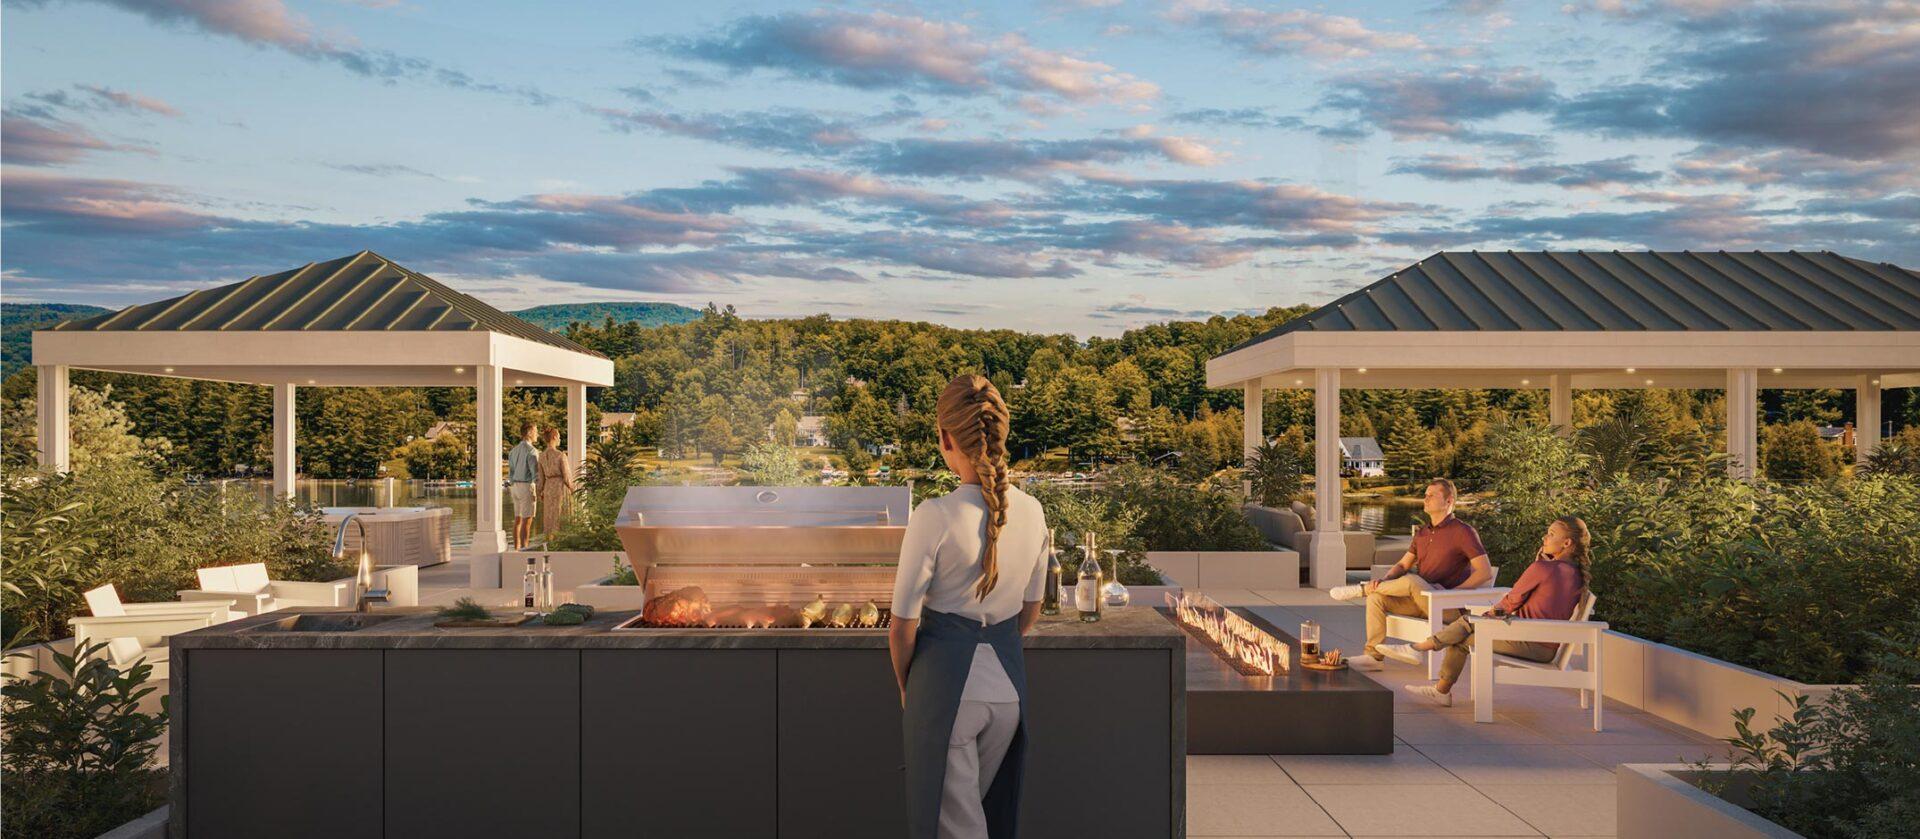 Manger et s'amuser sur la terrasse